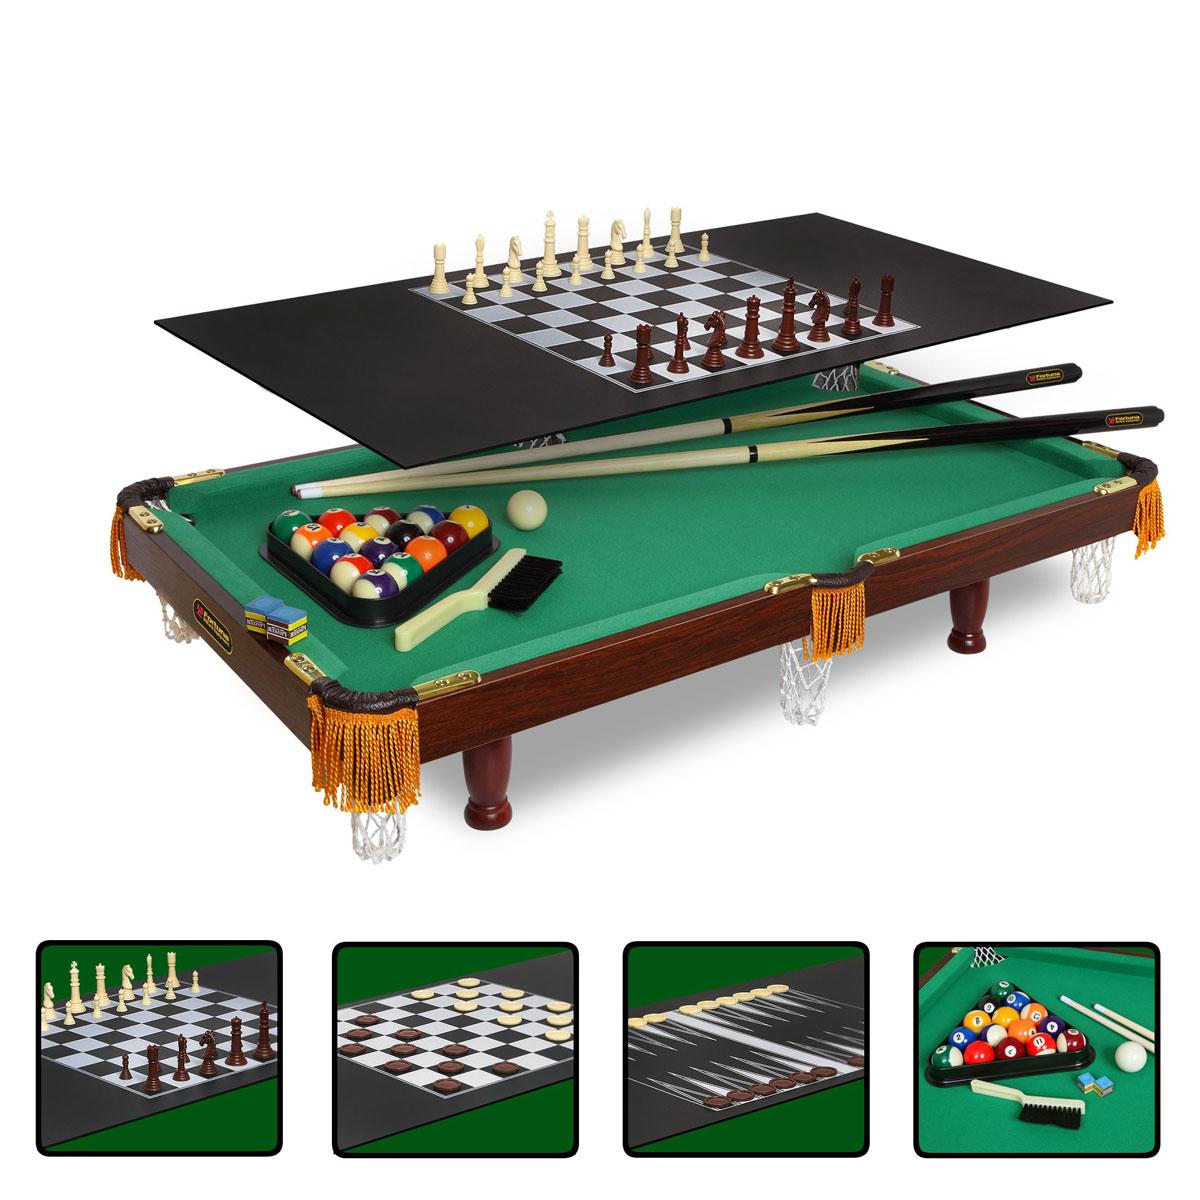 Стол бильярдный Fortuna, для американского пула, 4 в 1, 84 см х 42 см07736Бильярдный стол Fortuna - это многофункциональный игровой стол, включающий 4 игры: американский бильярд, шашки, шахматы и нарды. Основой служит бильярдный стол размером 3 фута для игры в американский пул с плитой из ЛДСП толщиной 9 мм, покрытой сукном традиционного для бильярда цвета English Green (английский зеленый). Для использования стола в качестве основы для других видов игр используется дополнительная плита толщиной 3 мм черного цвета, на которой размещается игровое поле с разметкой для соответствующей настольной игры (шашки, нарды или шахматы). Комплект аксессуаров: 1. Для игры в американский пул: Комплект шаров диаметром 32 мм (16 шт.). Треугольник для шаров. 2 кия длиной 91,44 см. 2 мелка Pioner (синие). Щетка для ухода за сукном. 2. Для игры в шашки: Игровое поле с нанесенной на него соответствующей разметкой. Шашки 2-х цветов (коричневые и белые) по 12 шт. каждого цвета (всего 24 шт.). 3. Для игры в шахматы: ...